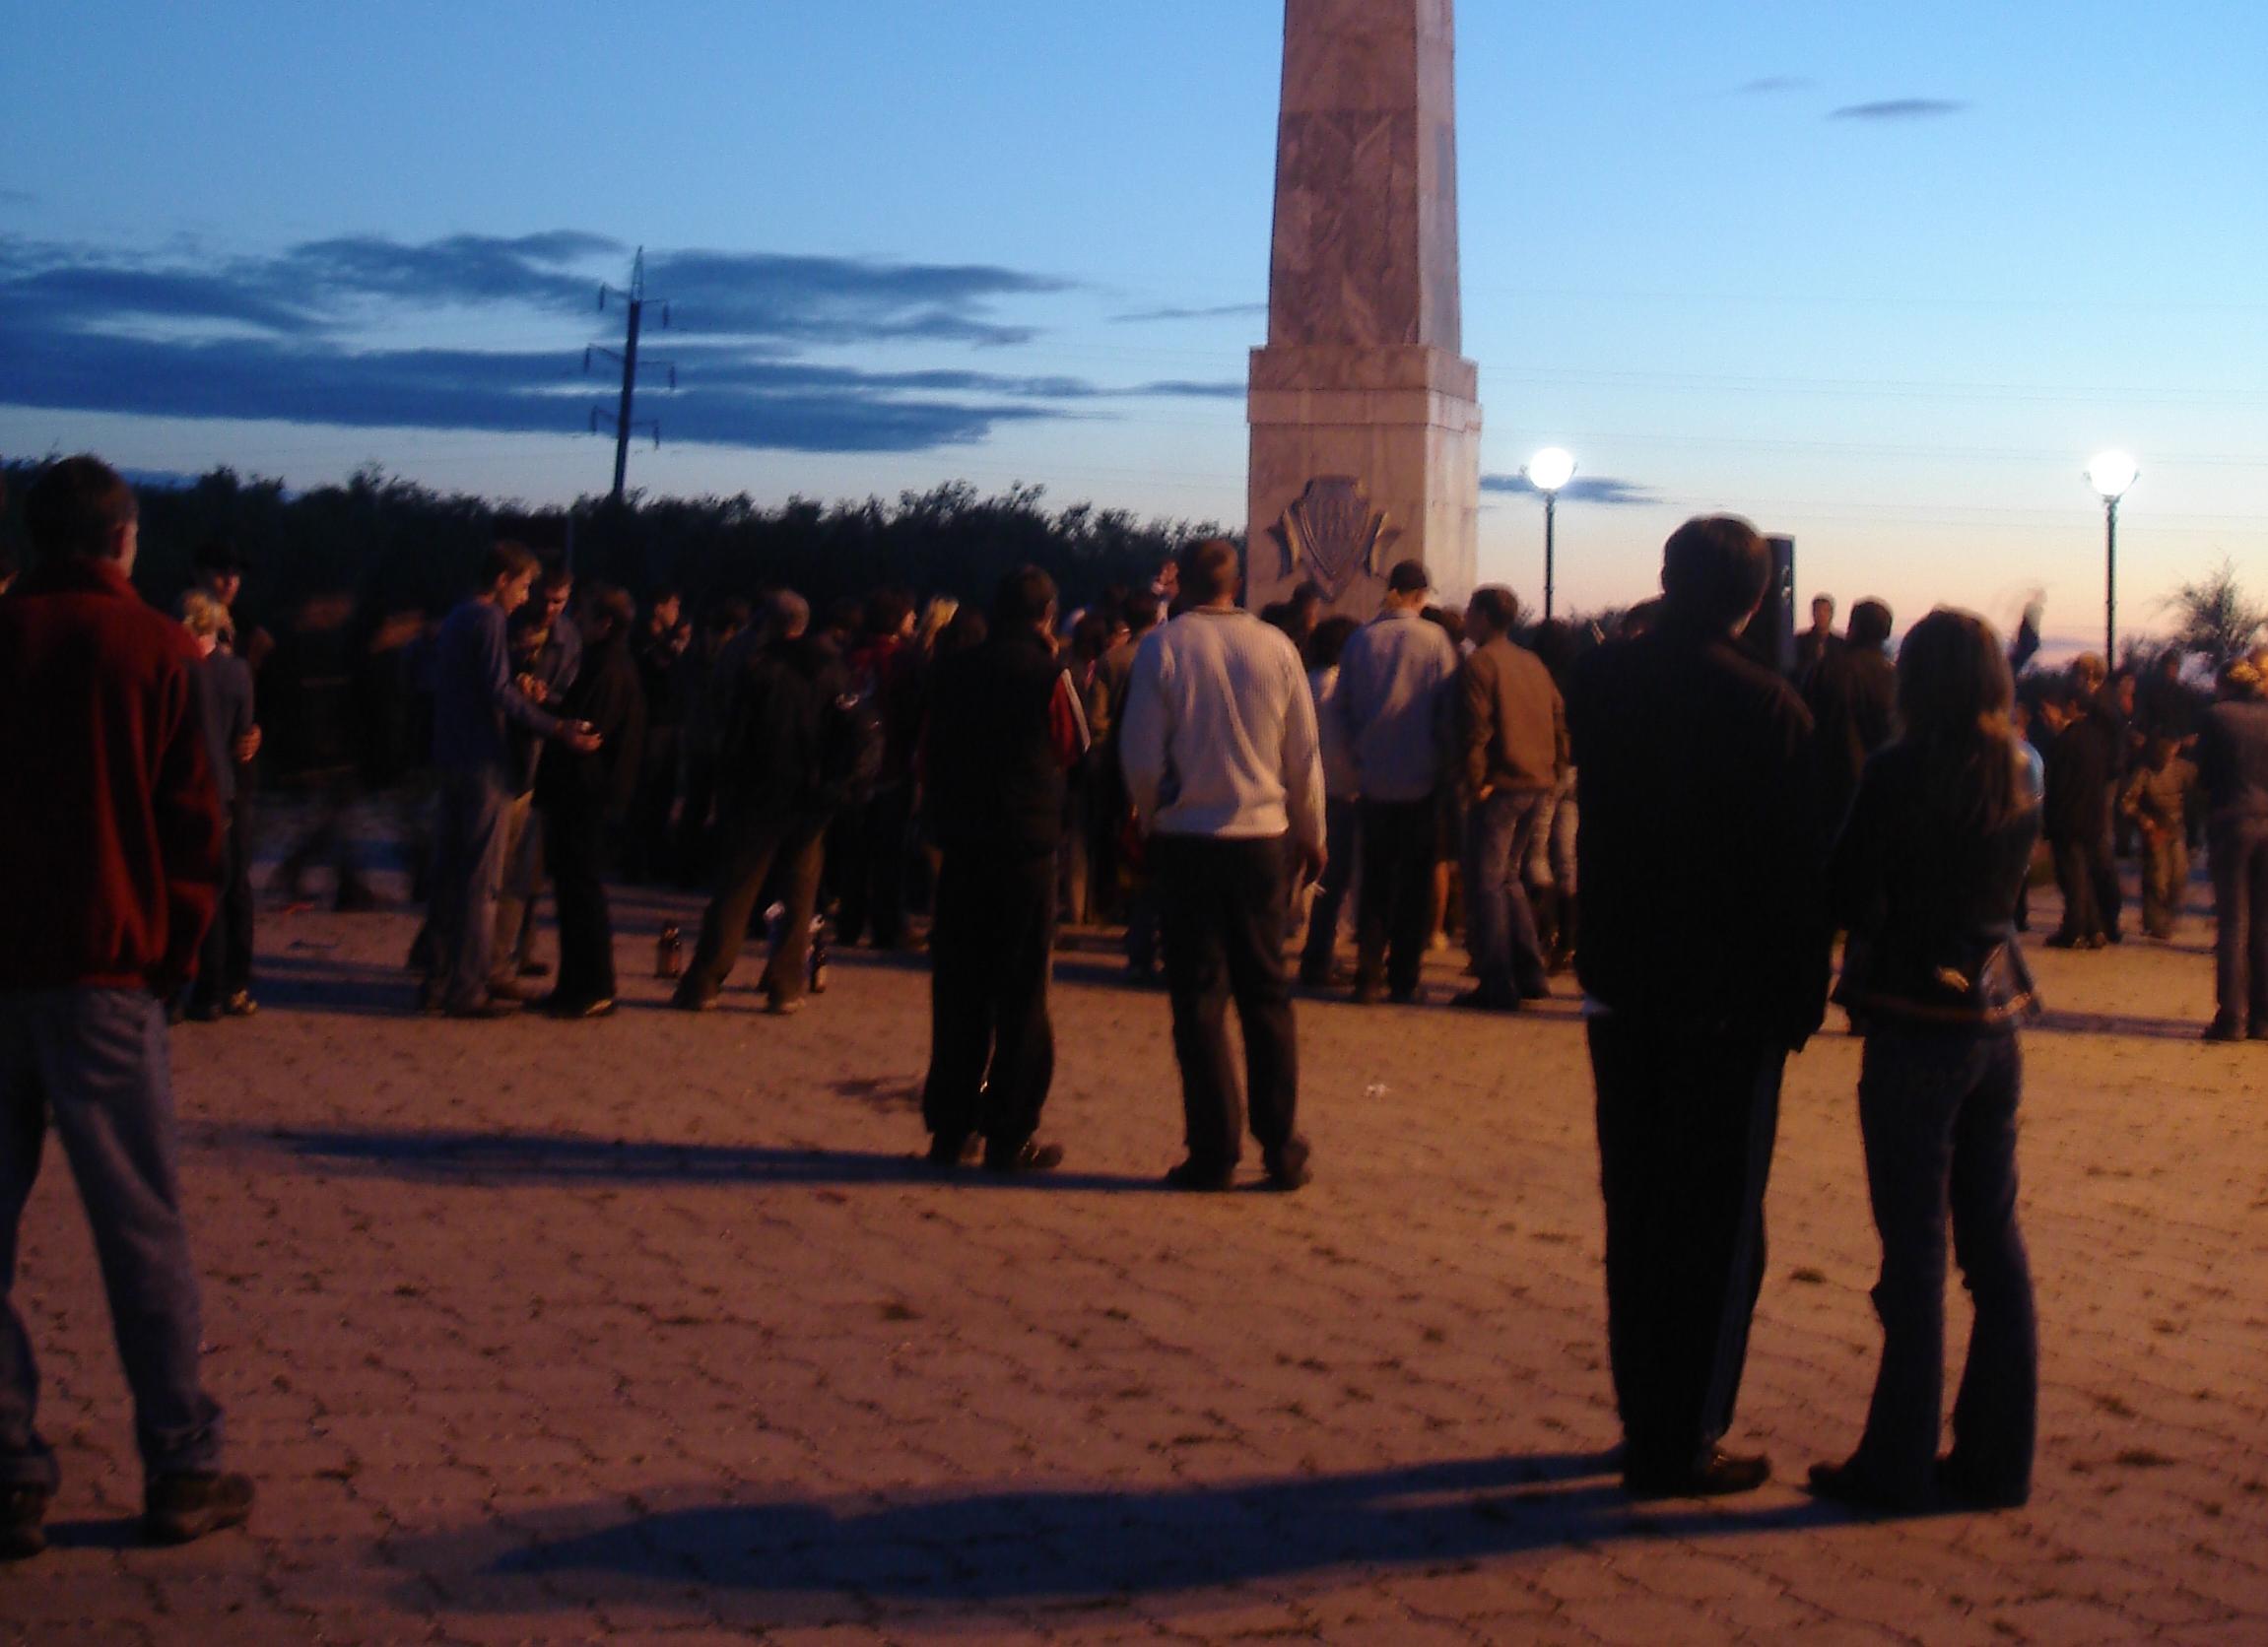 Митинги в Петропавловске. Как выйти на улицу и при этом не нарушить закон